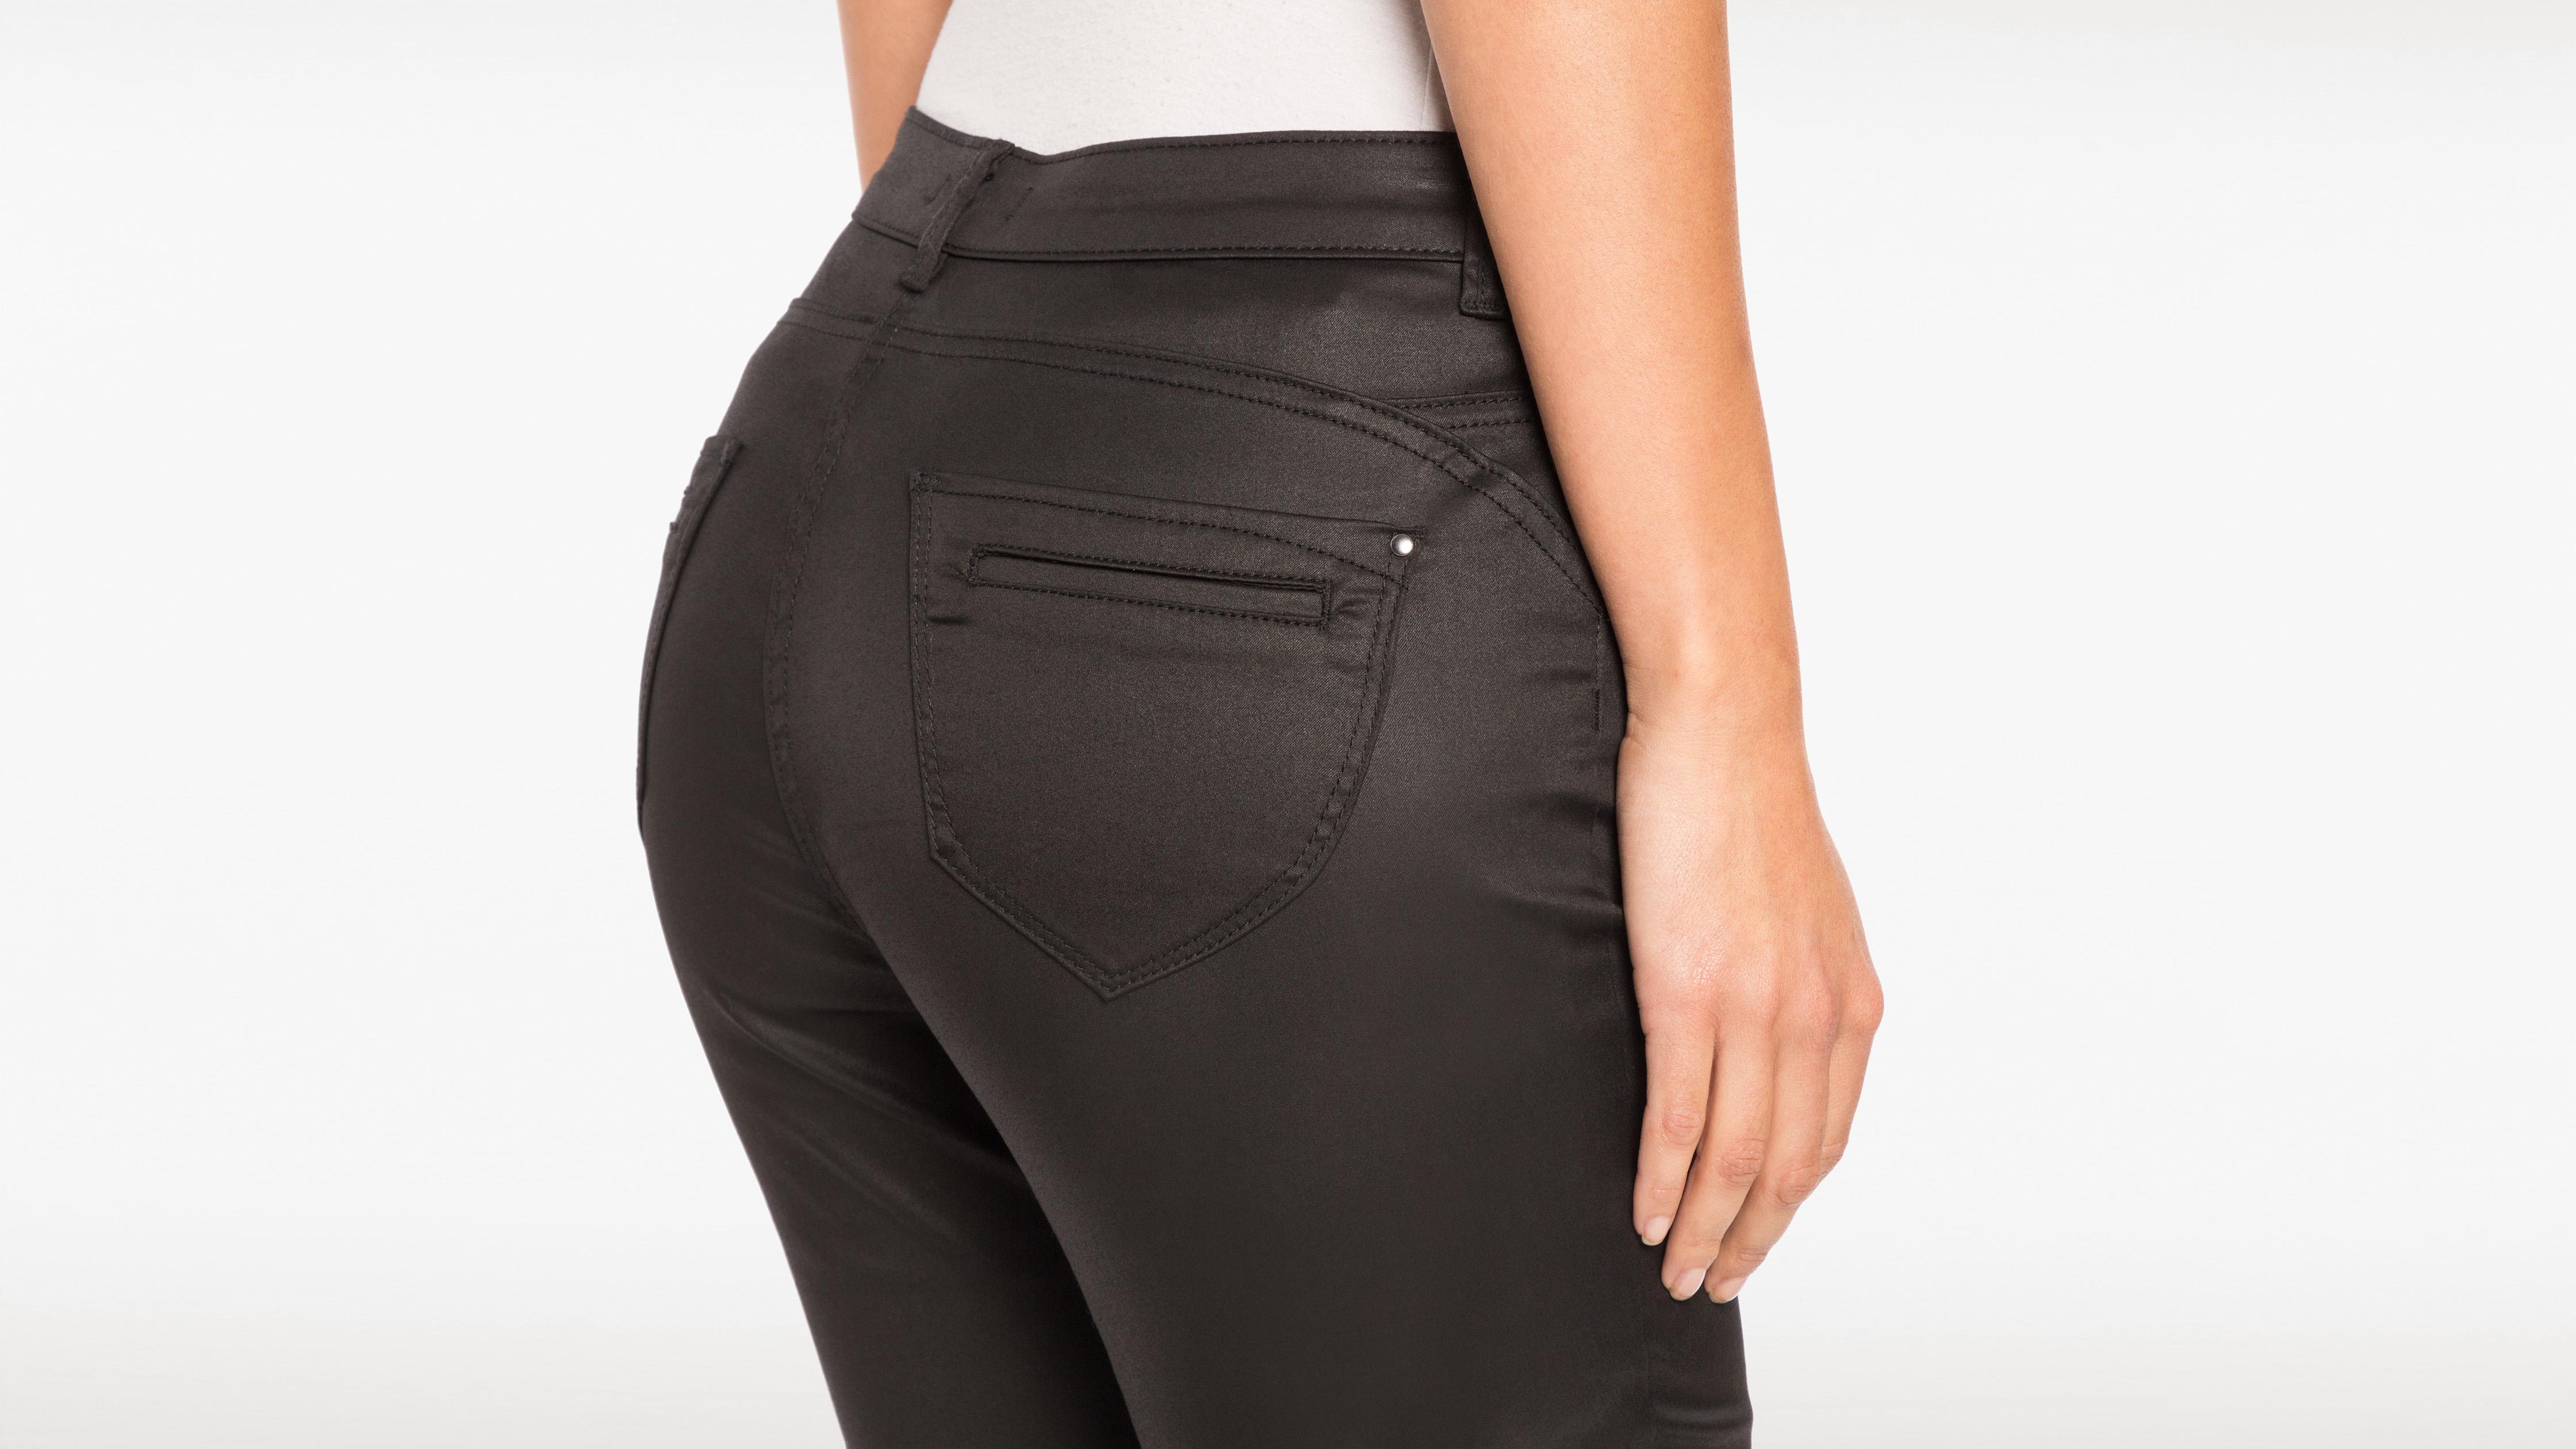 Noir Femme Enduit Enduit Noir Pantalon Enduit Pantalon Femme 78ème Pantalon 78ème cTJ1lKF